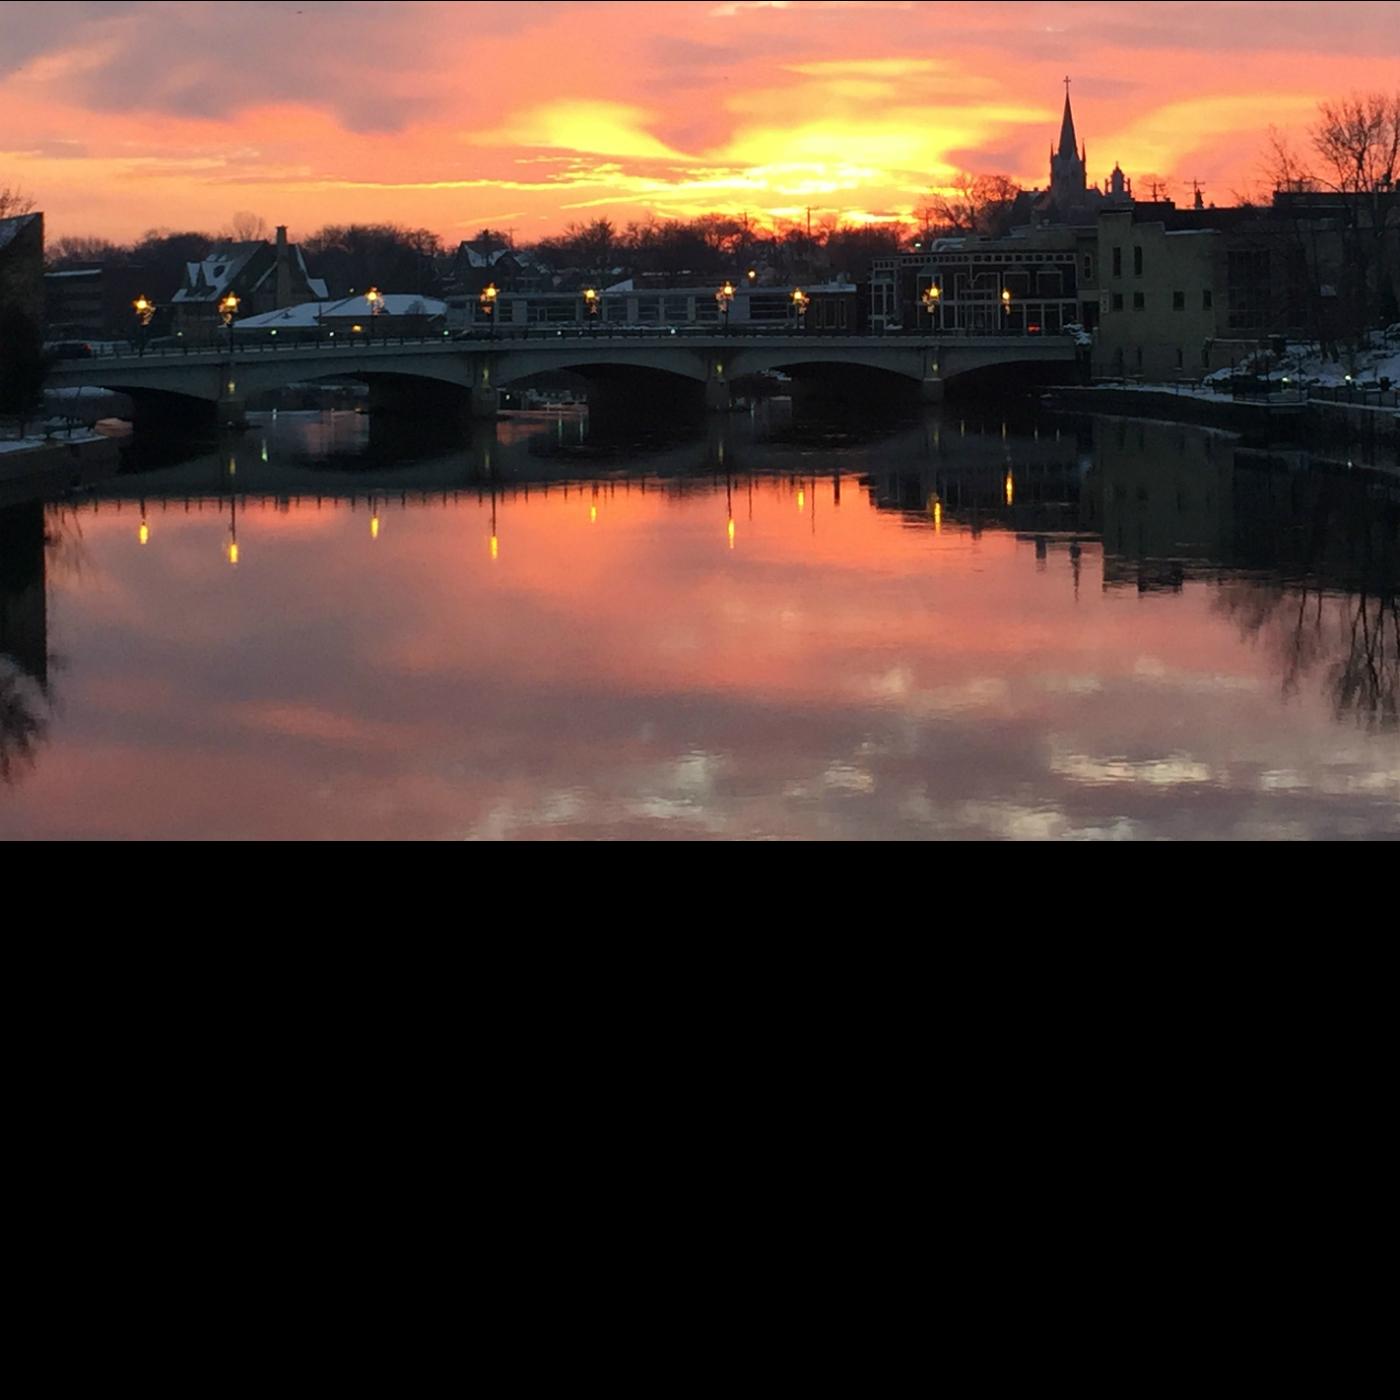 sunset-bridge.jpg